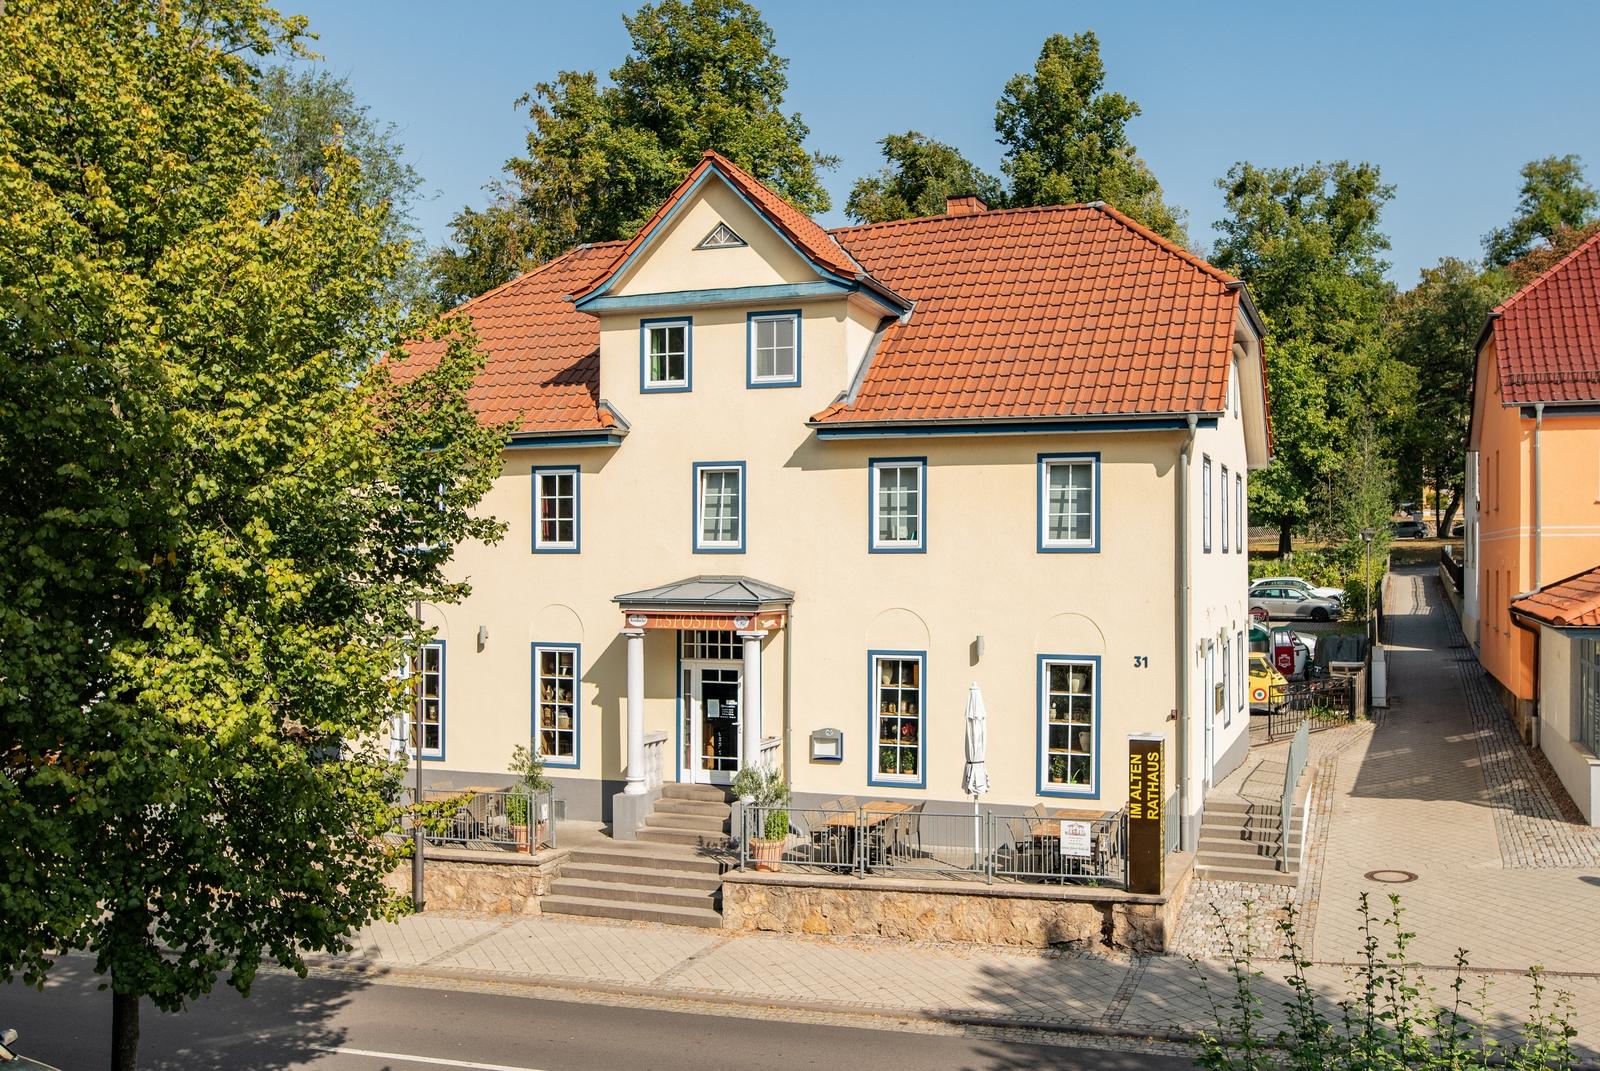 Ferienwohnungen im alten Rathaus (Bad Liebenstein) Ferienwohnung in Thüringen